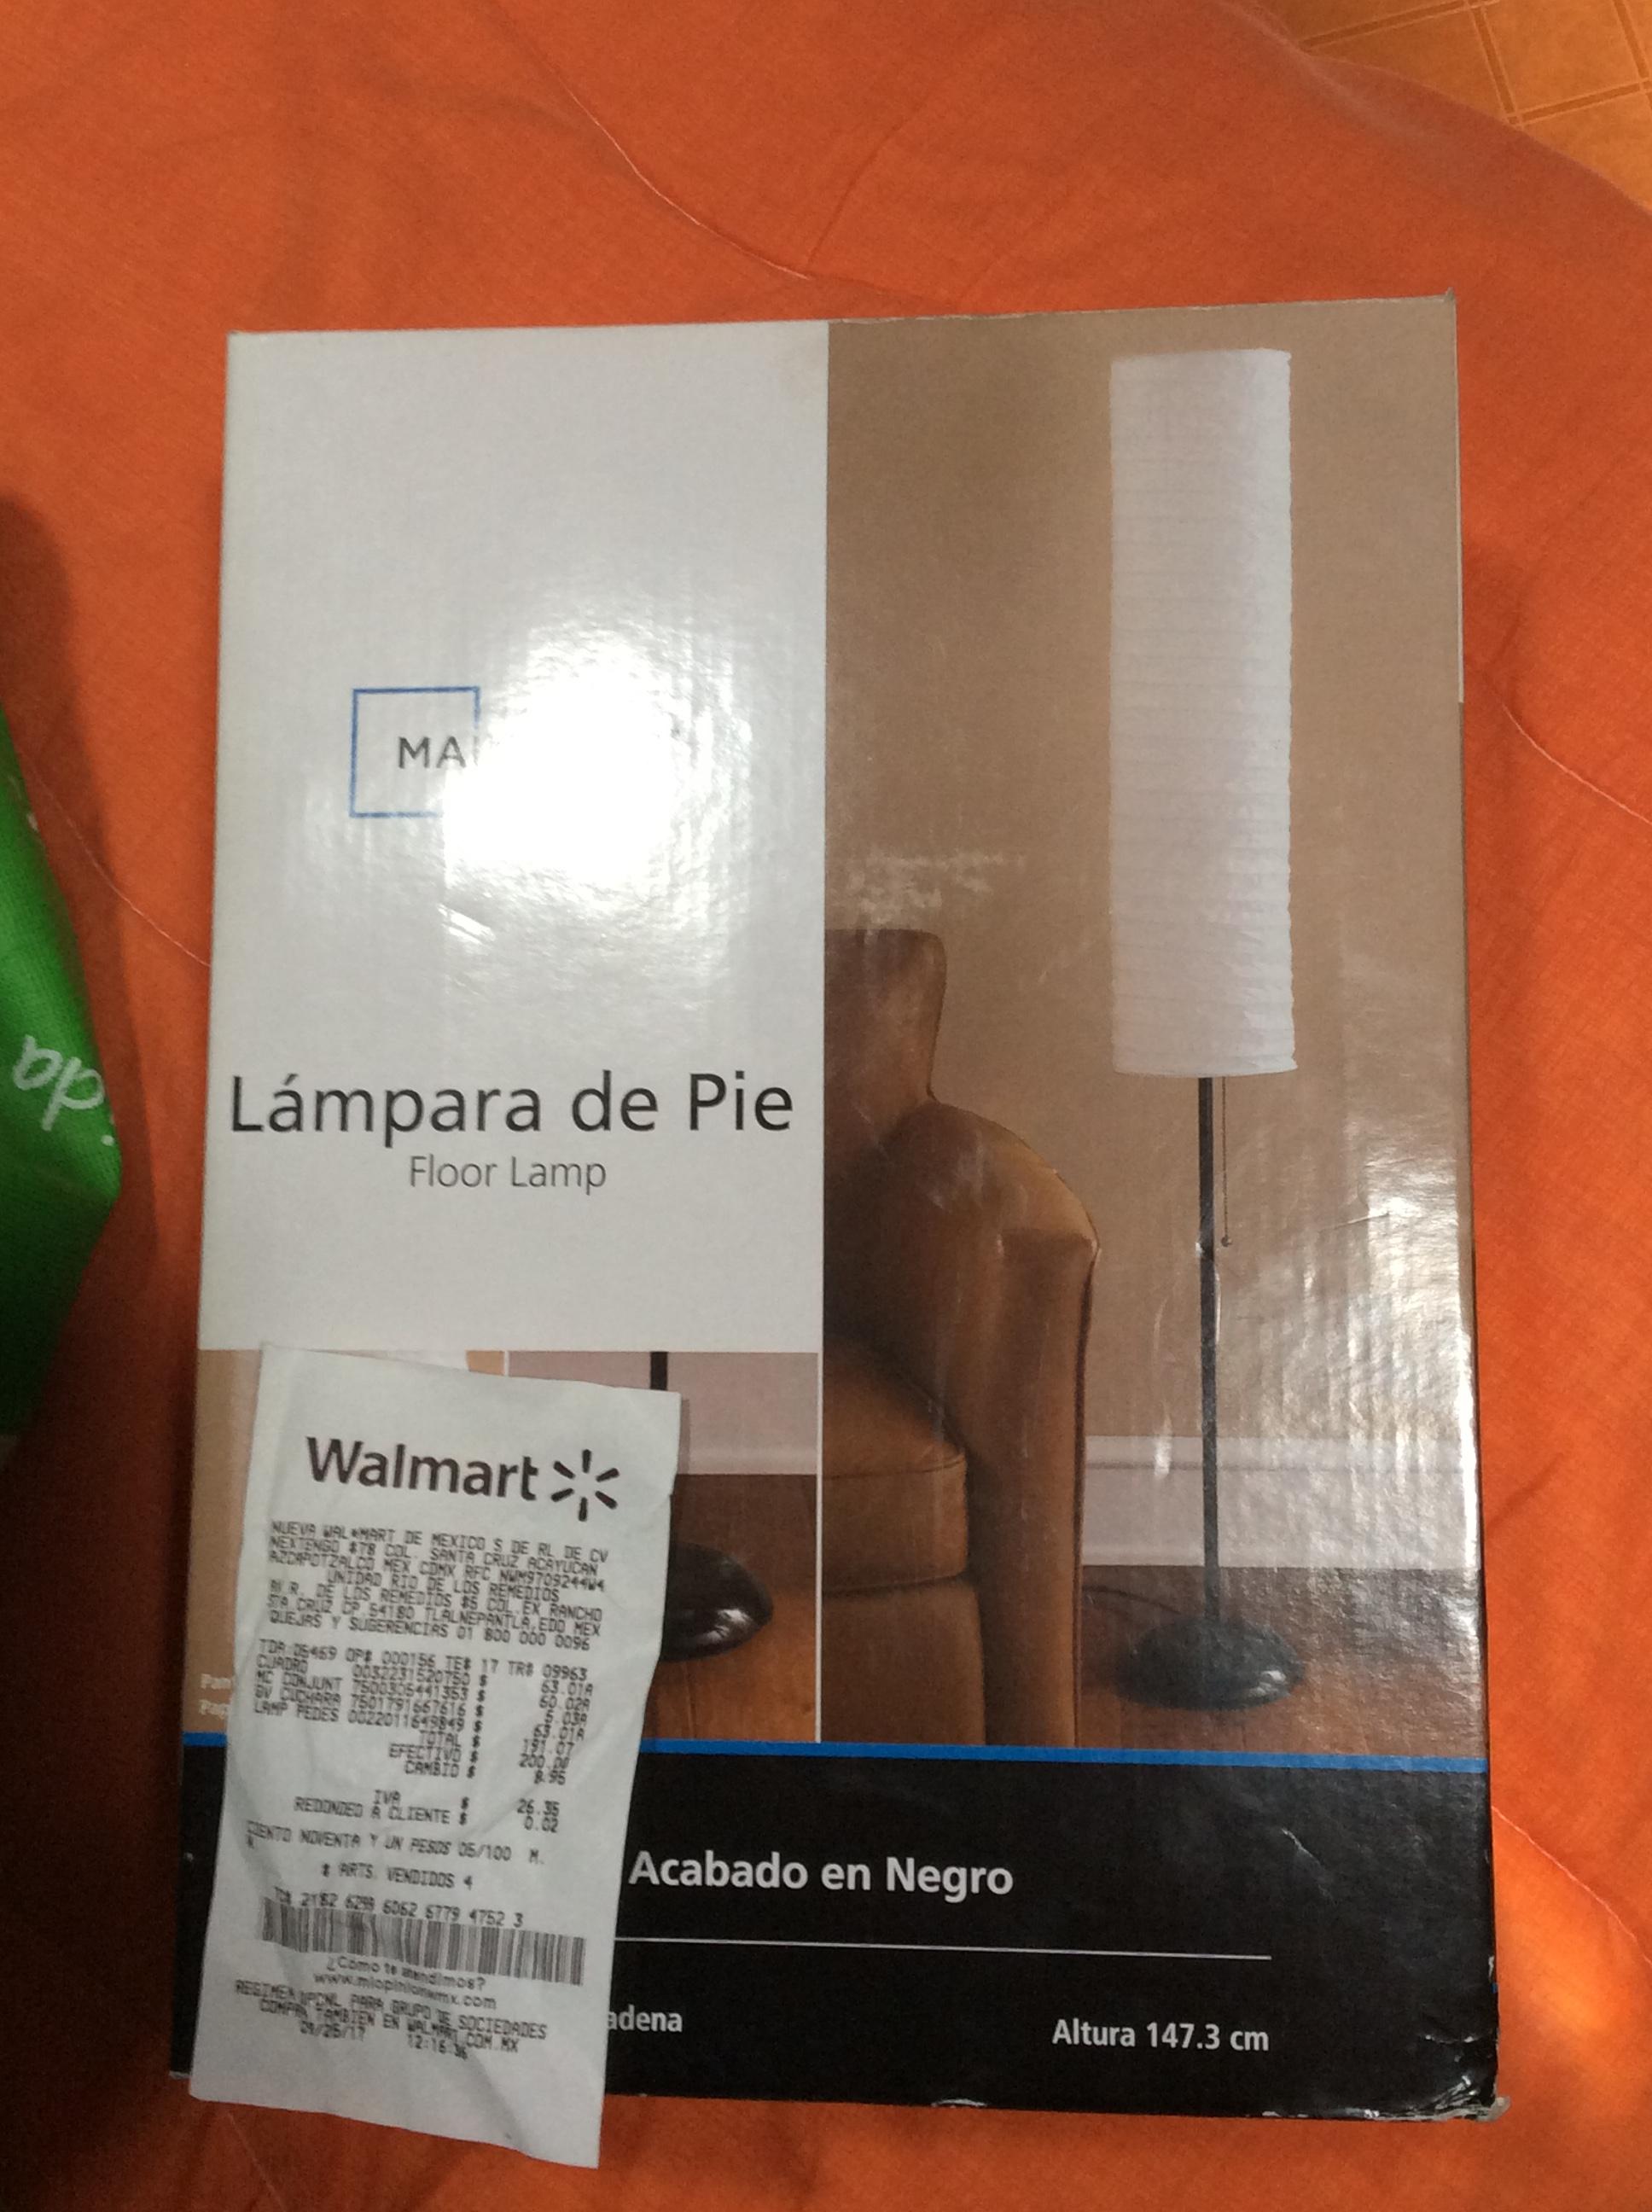 Walmart Río de los Remedios: lámpara de pie a 63.01